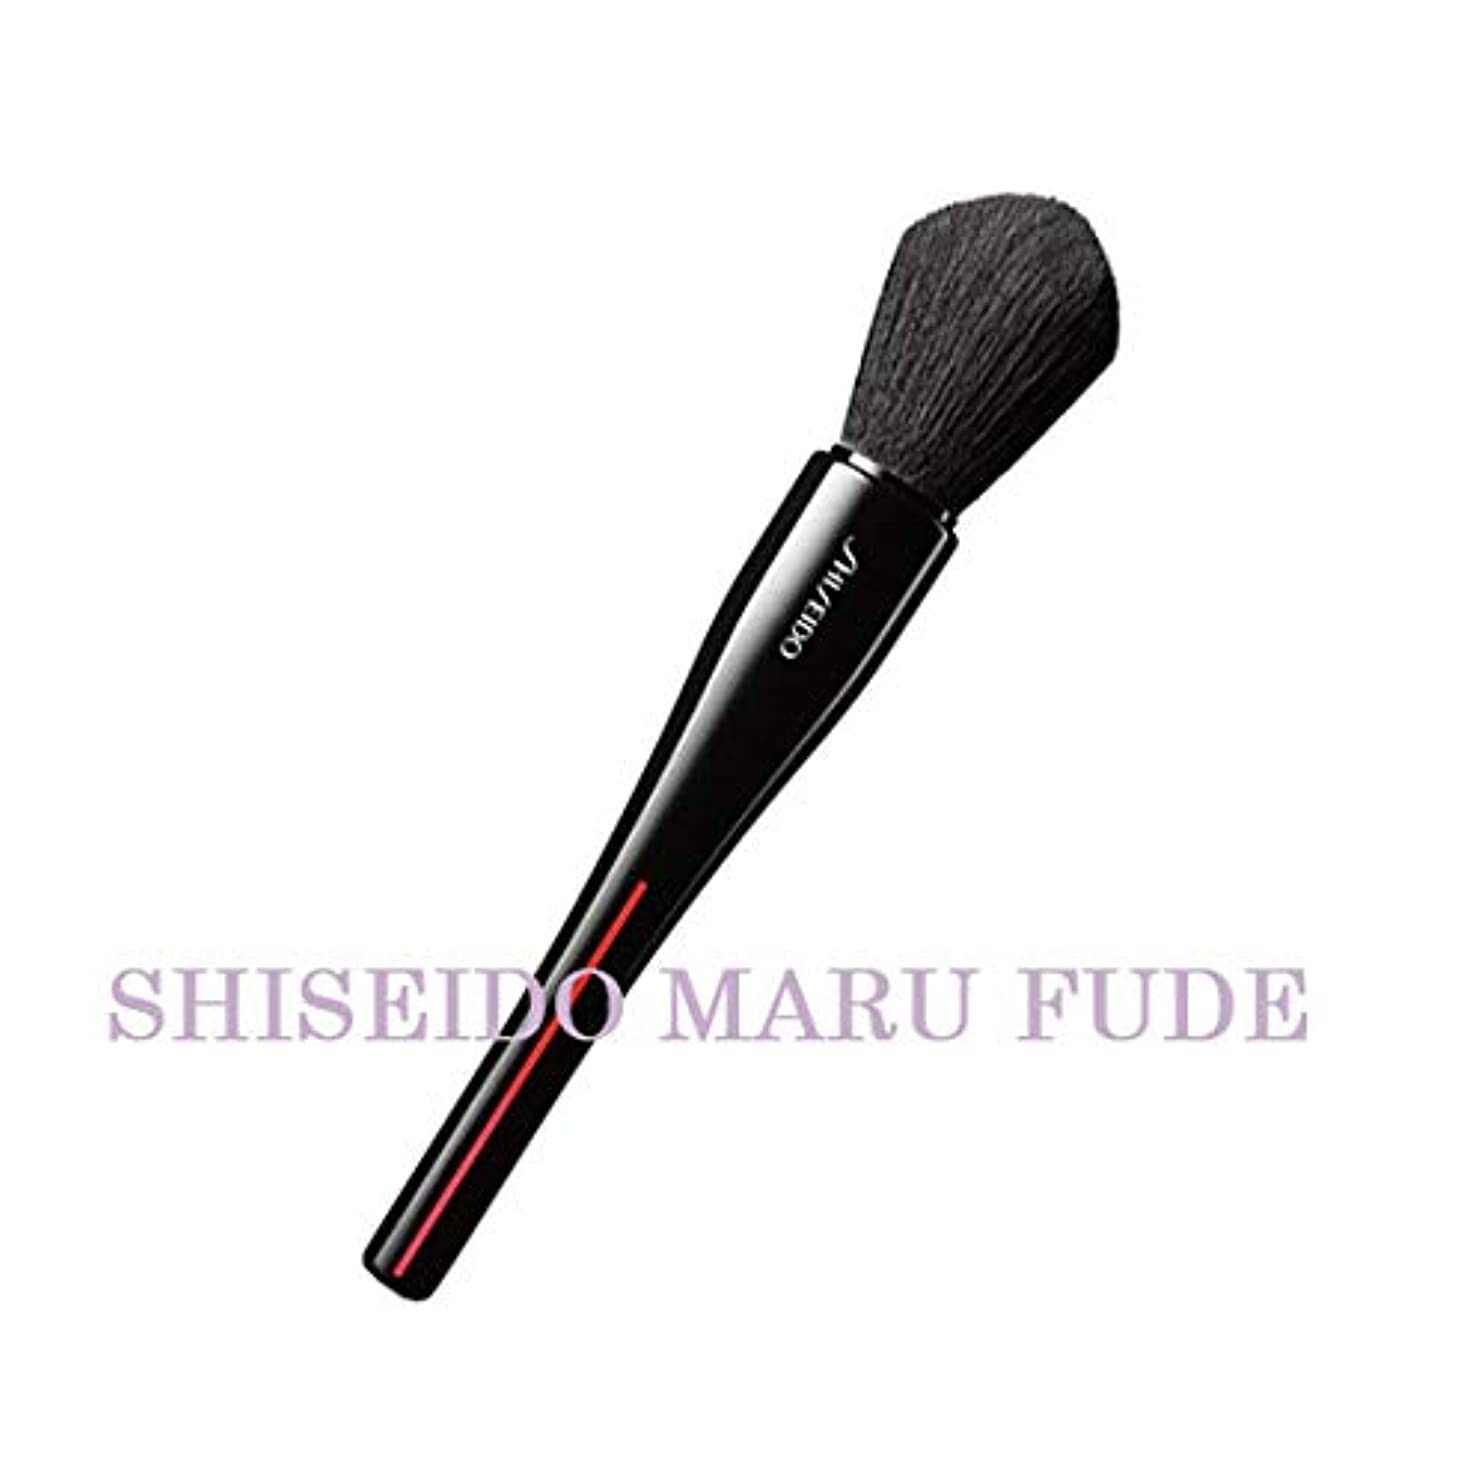 グローブ厚さディンカルビルSHISEIDO Makeup(資生堂 メーキャップ) SHISEIDO(資生堂) SHISEIDO MARU FUDE マルチ フェイスブラシ